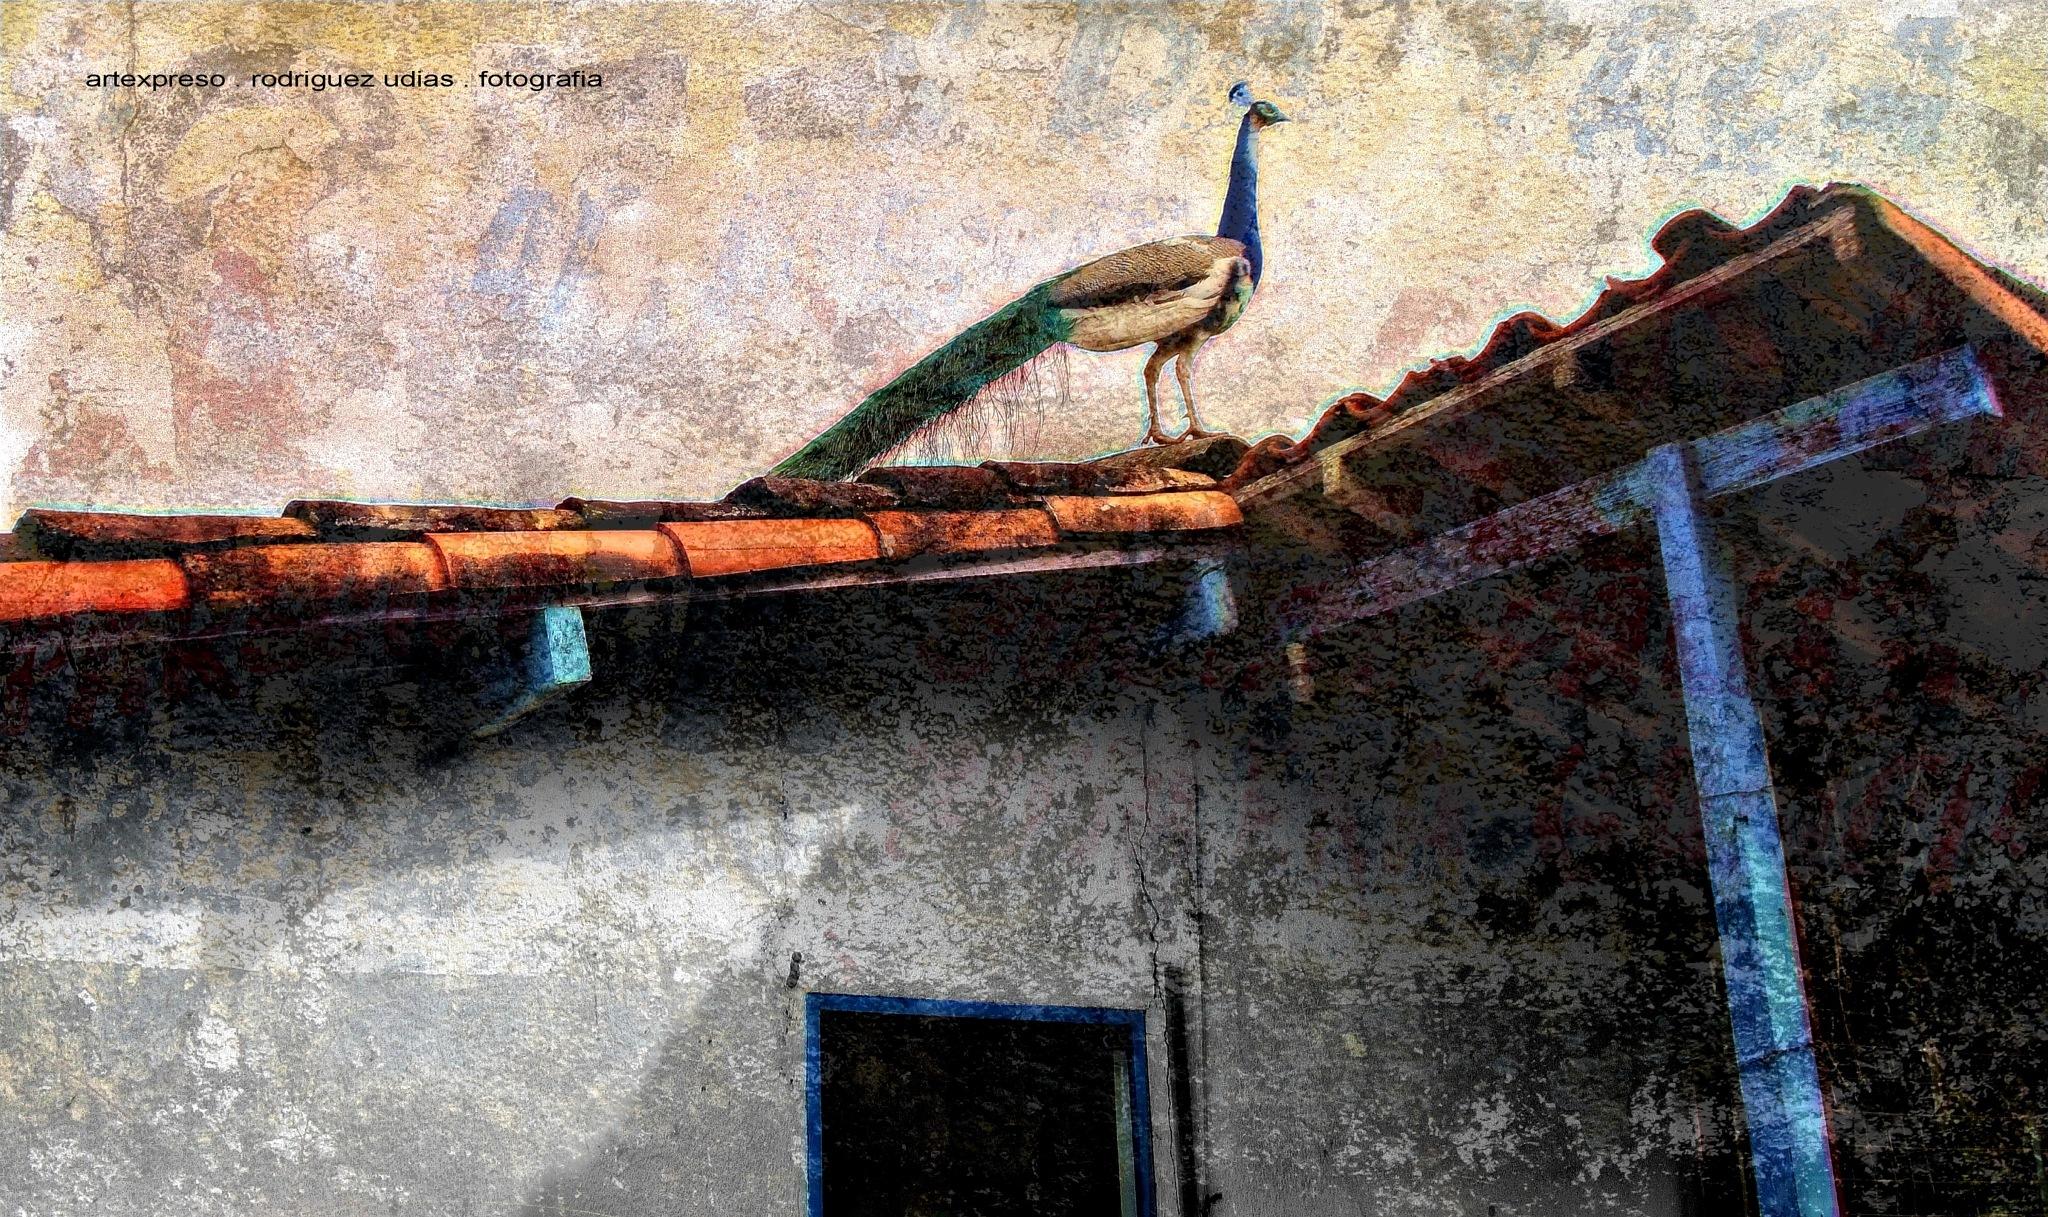 PAVO REAL . PAISAJES DE MINAS / ARTEXPRESO 2018 by  Artexpreso